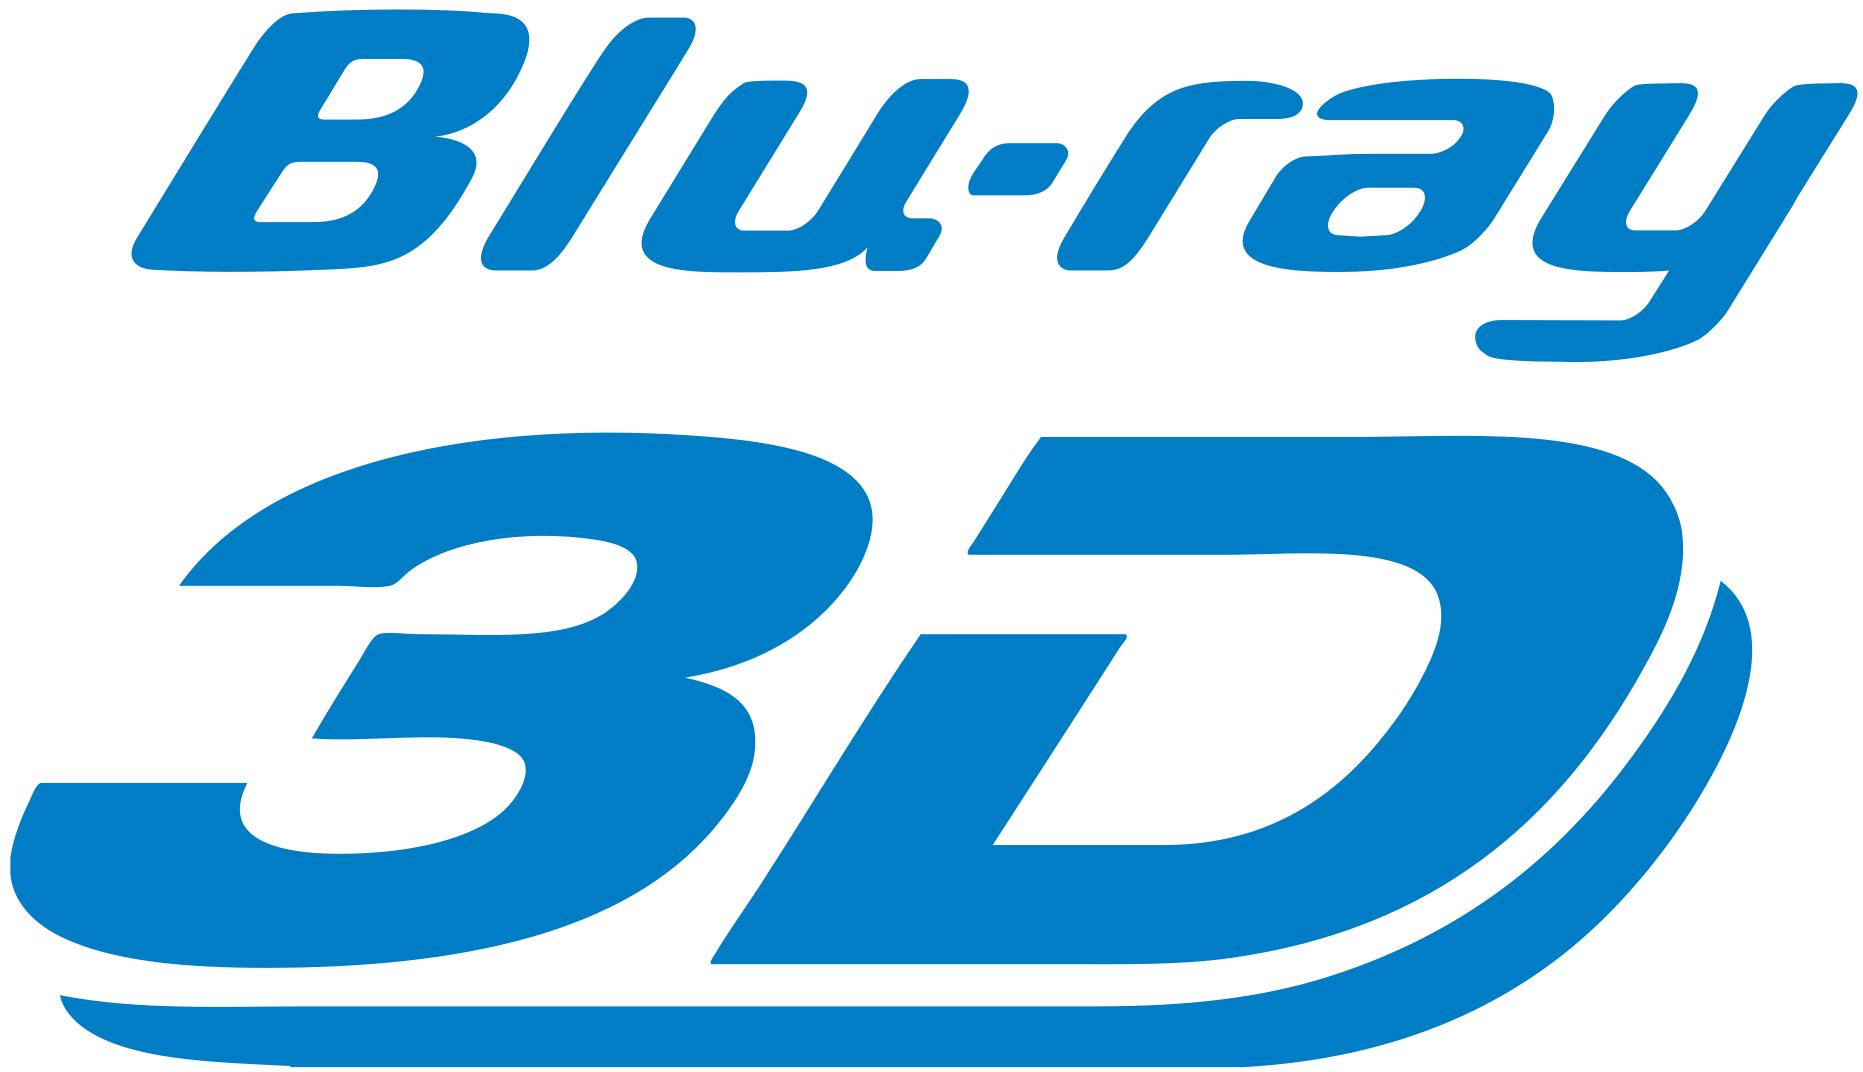 Blu_ray_3d_logo.png